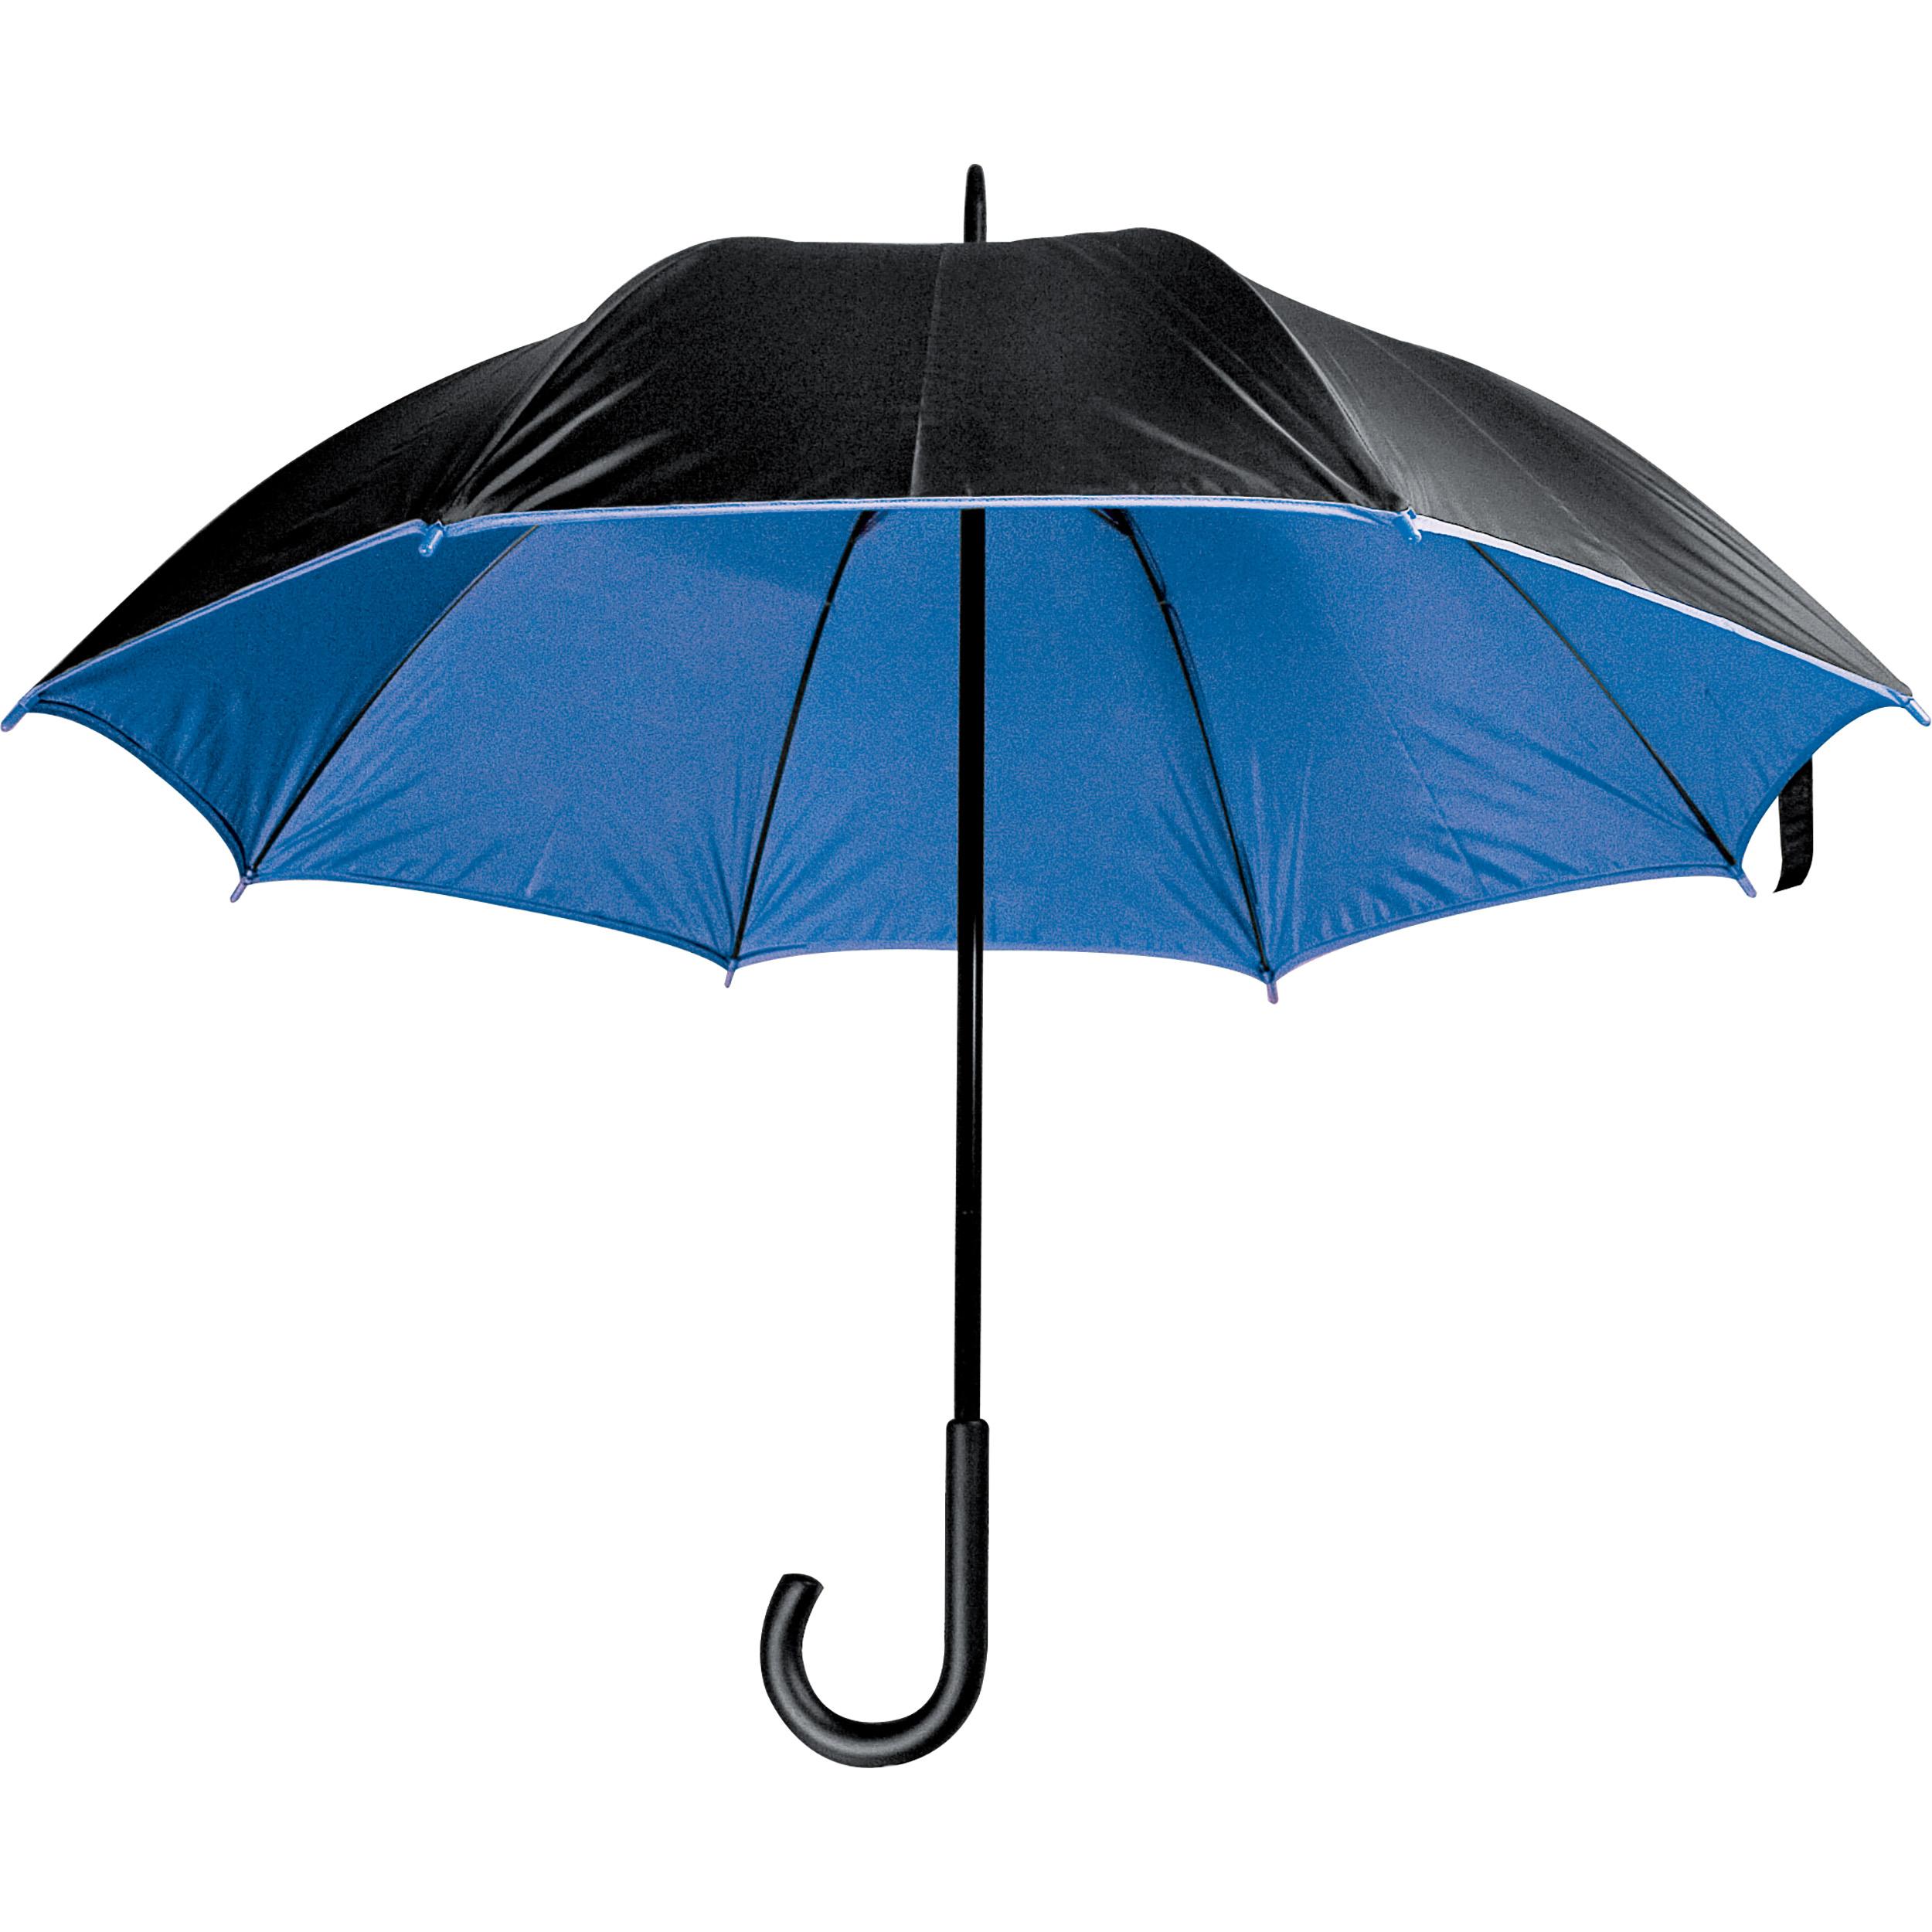 Luxurious umbrella